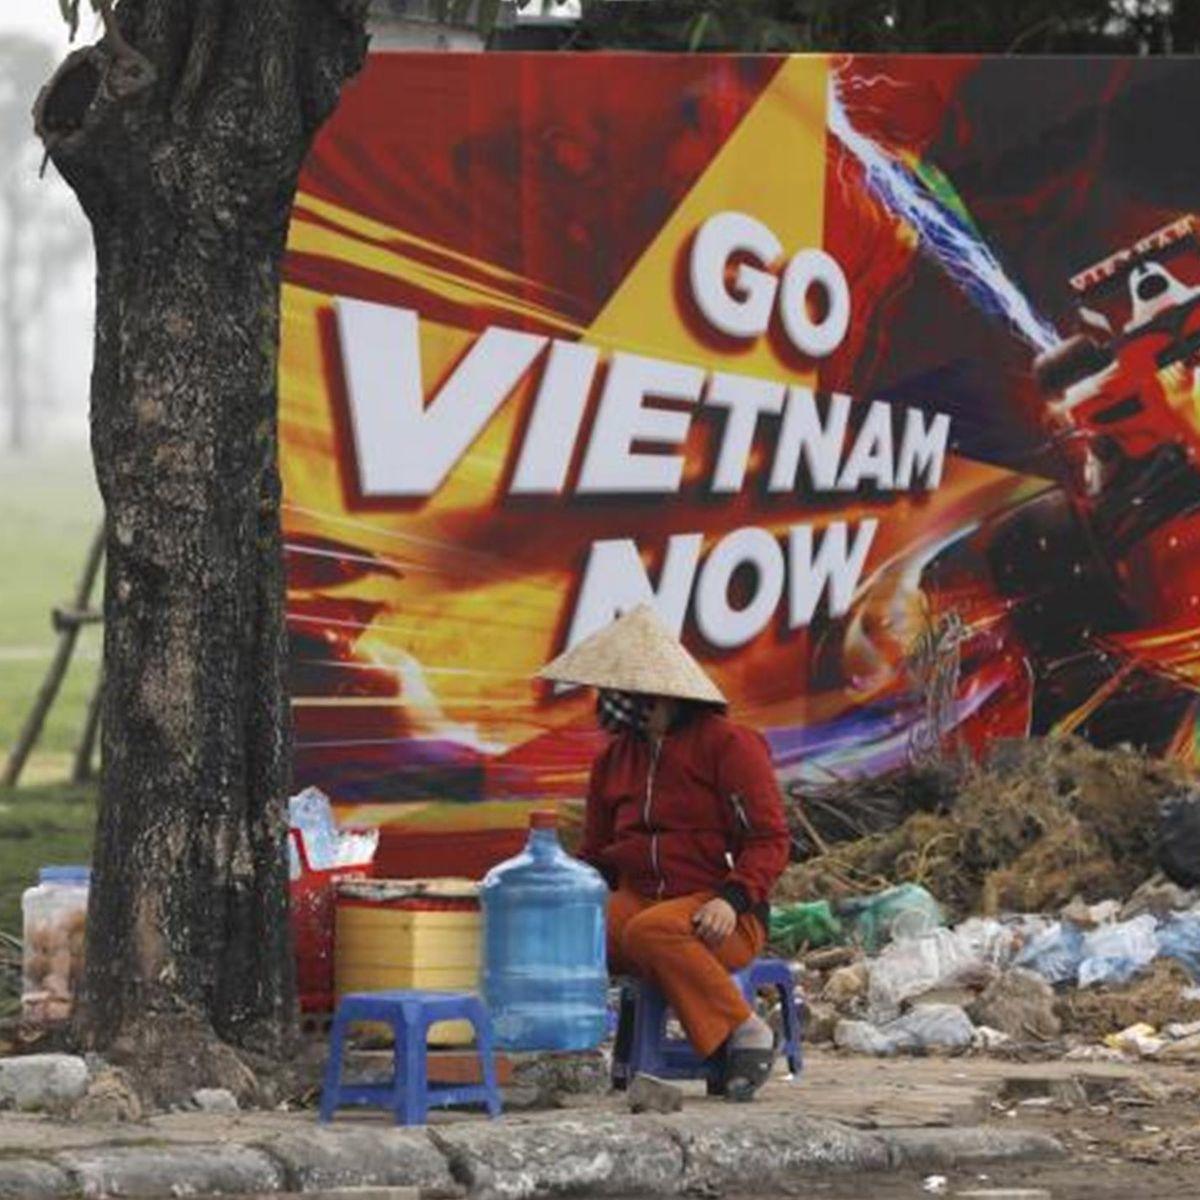 Cancelan definitivamente el Gran Premio de Fórmula 1 de Vietnam por  COVID-19 - Eurosport